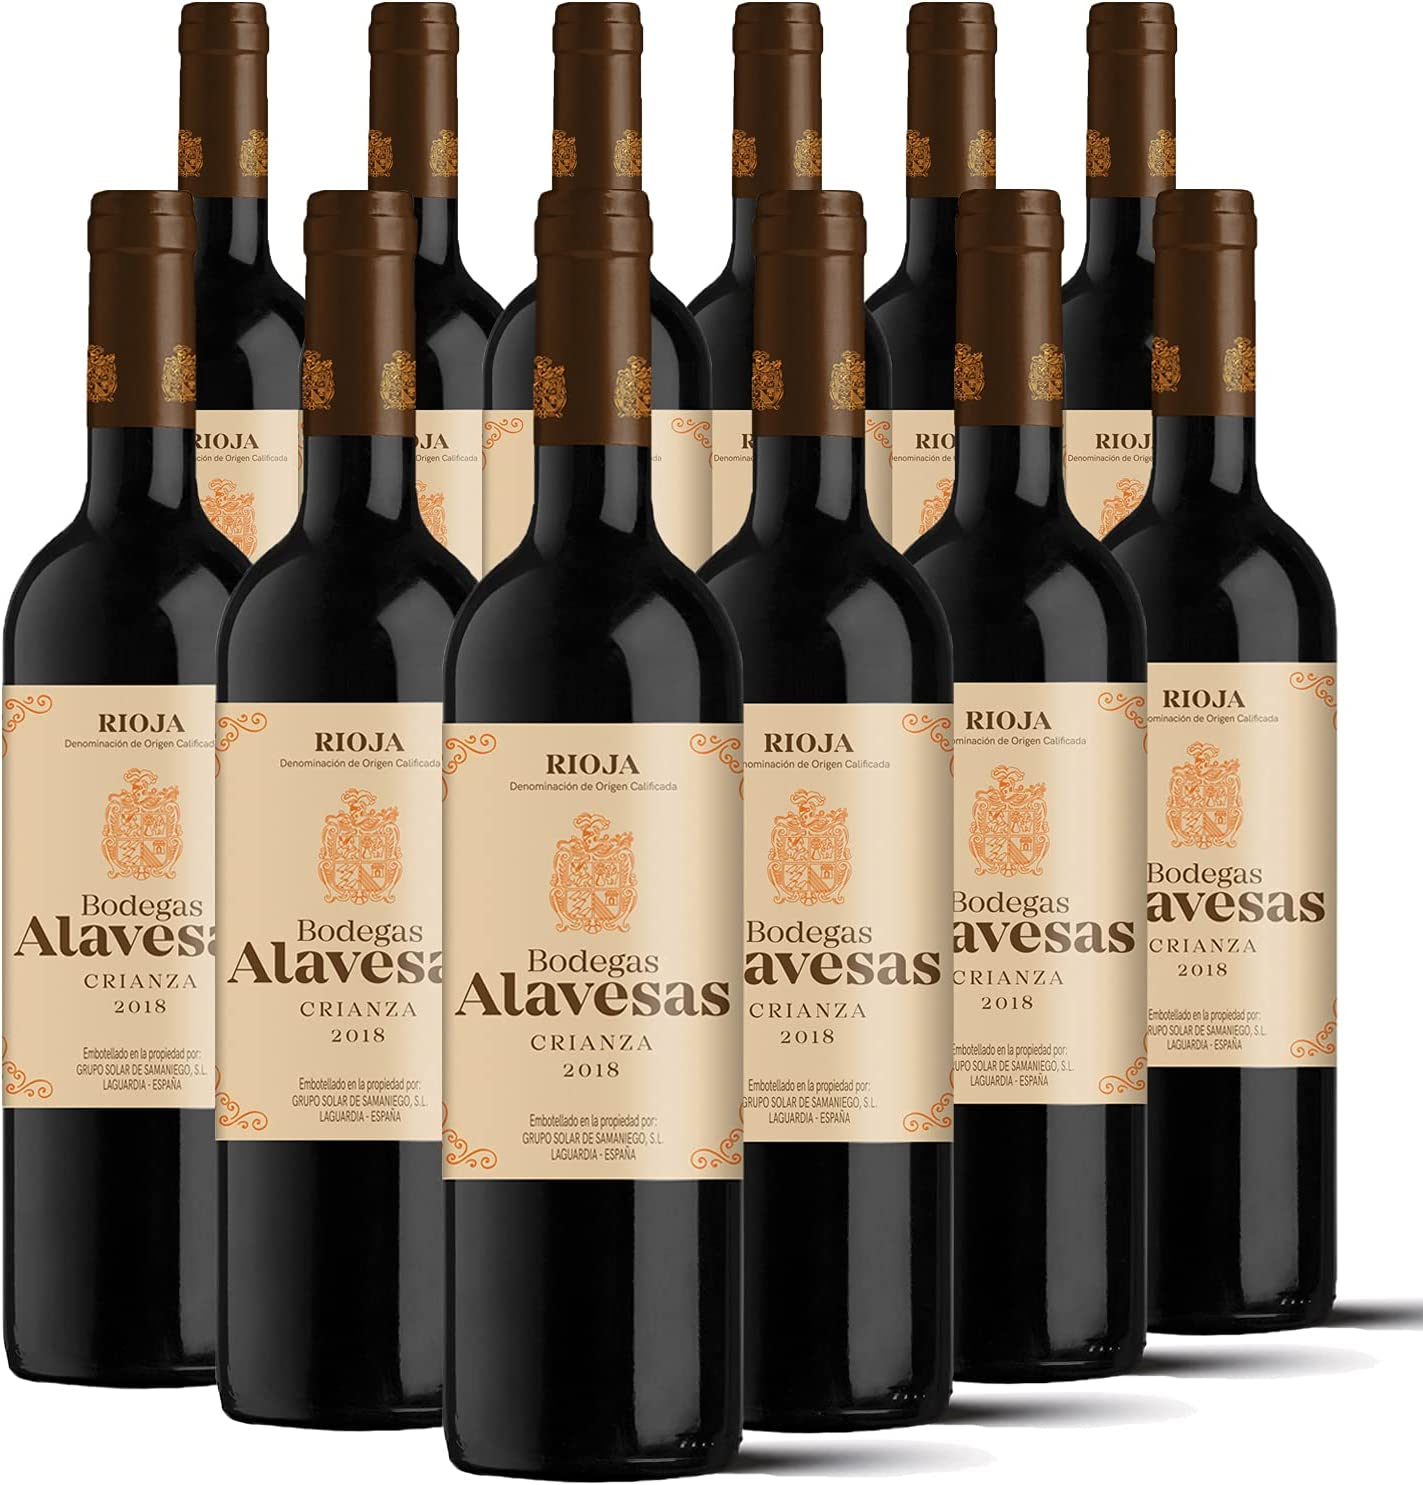 Bodegas Alavesas – Vino Tinto Crianza 2018 Denominación de Origen Calificada Rioja, Variedad Tempranillo, 12 meses en barrica – Caja de 12 botellas x 750 ml – Total: 9000 ml